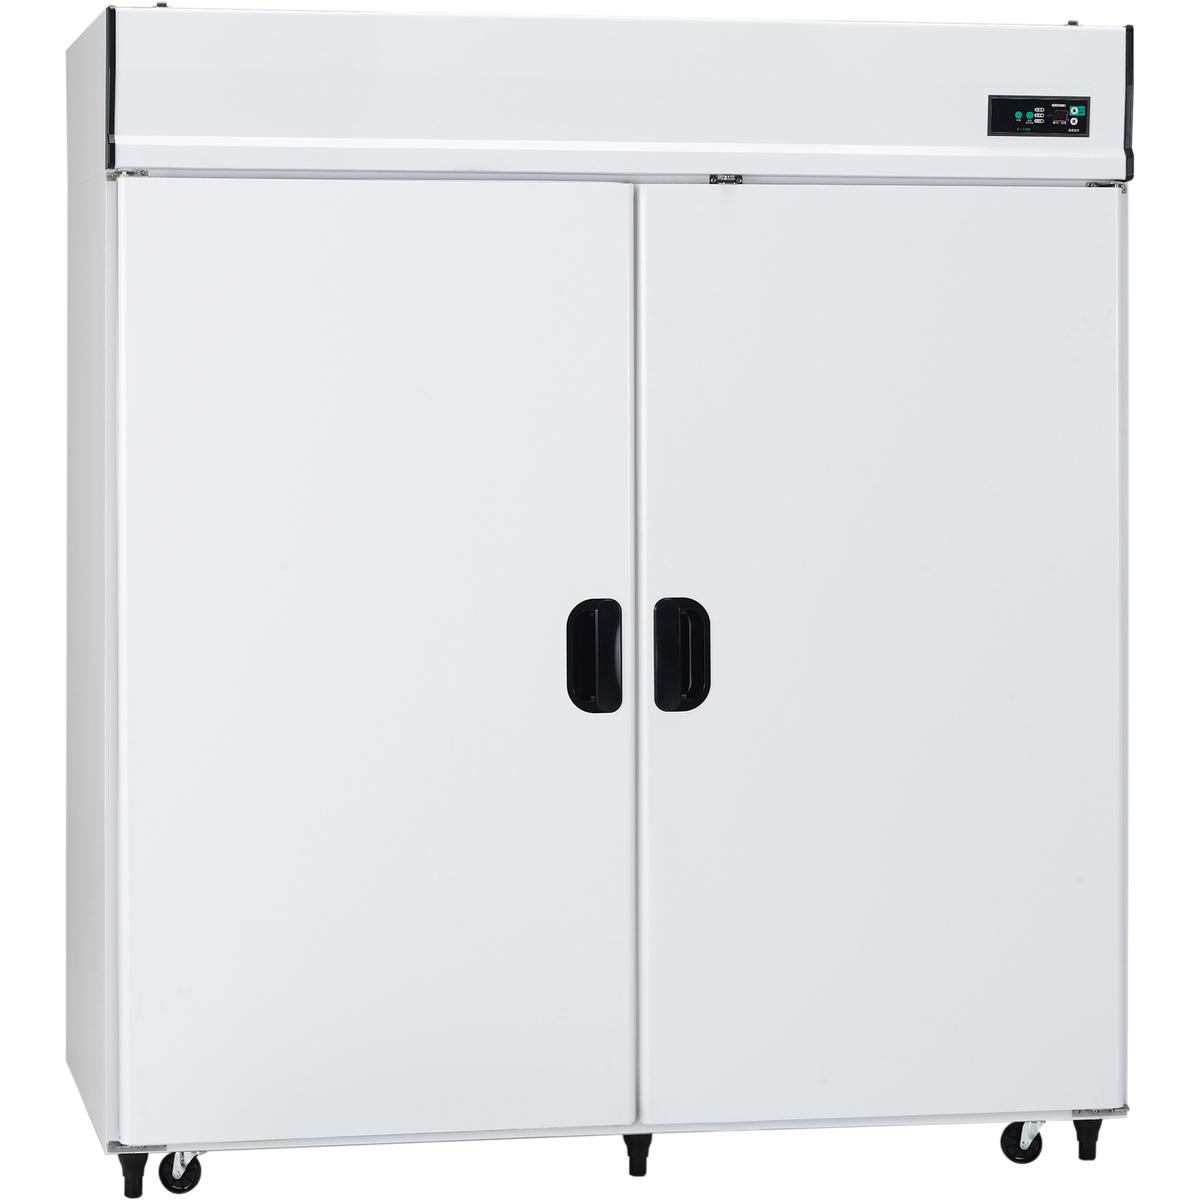 【メーカー直送 代引不可】【設置サービス付】アルインコ 200V 玄米氷温保冷庫 40袋用 EWH40V